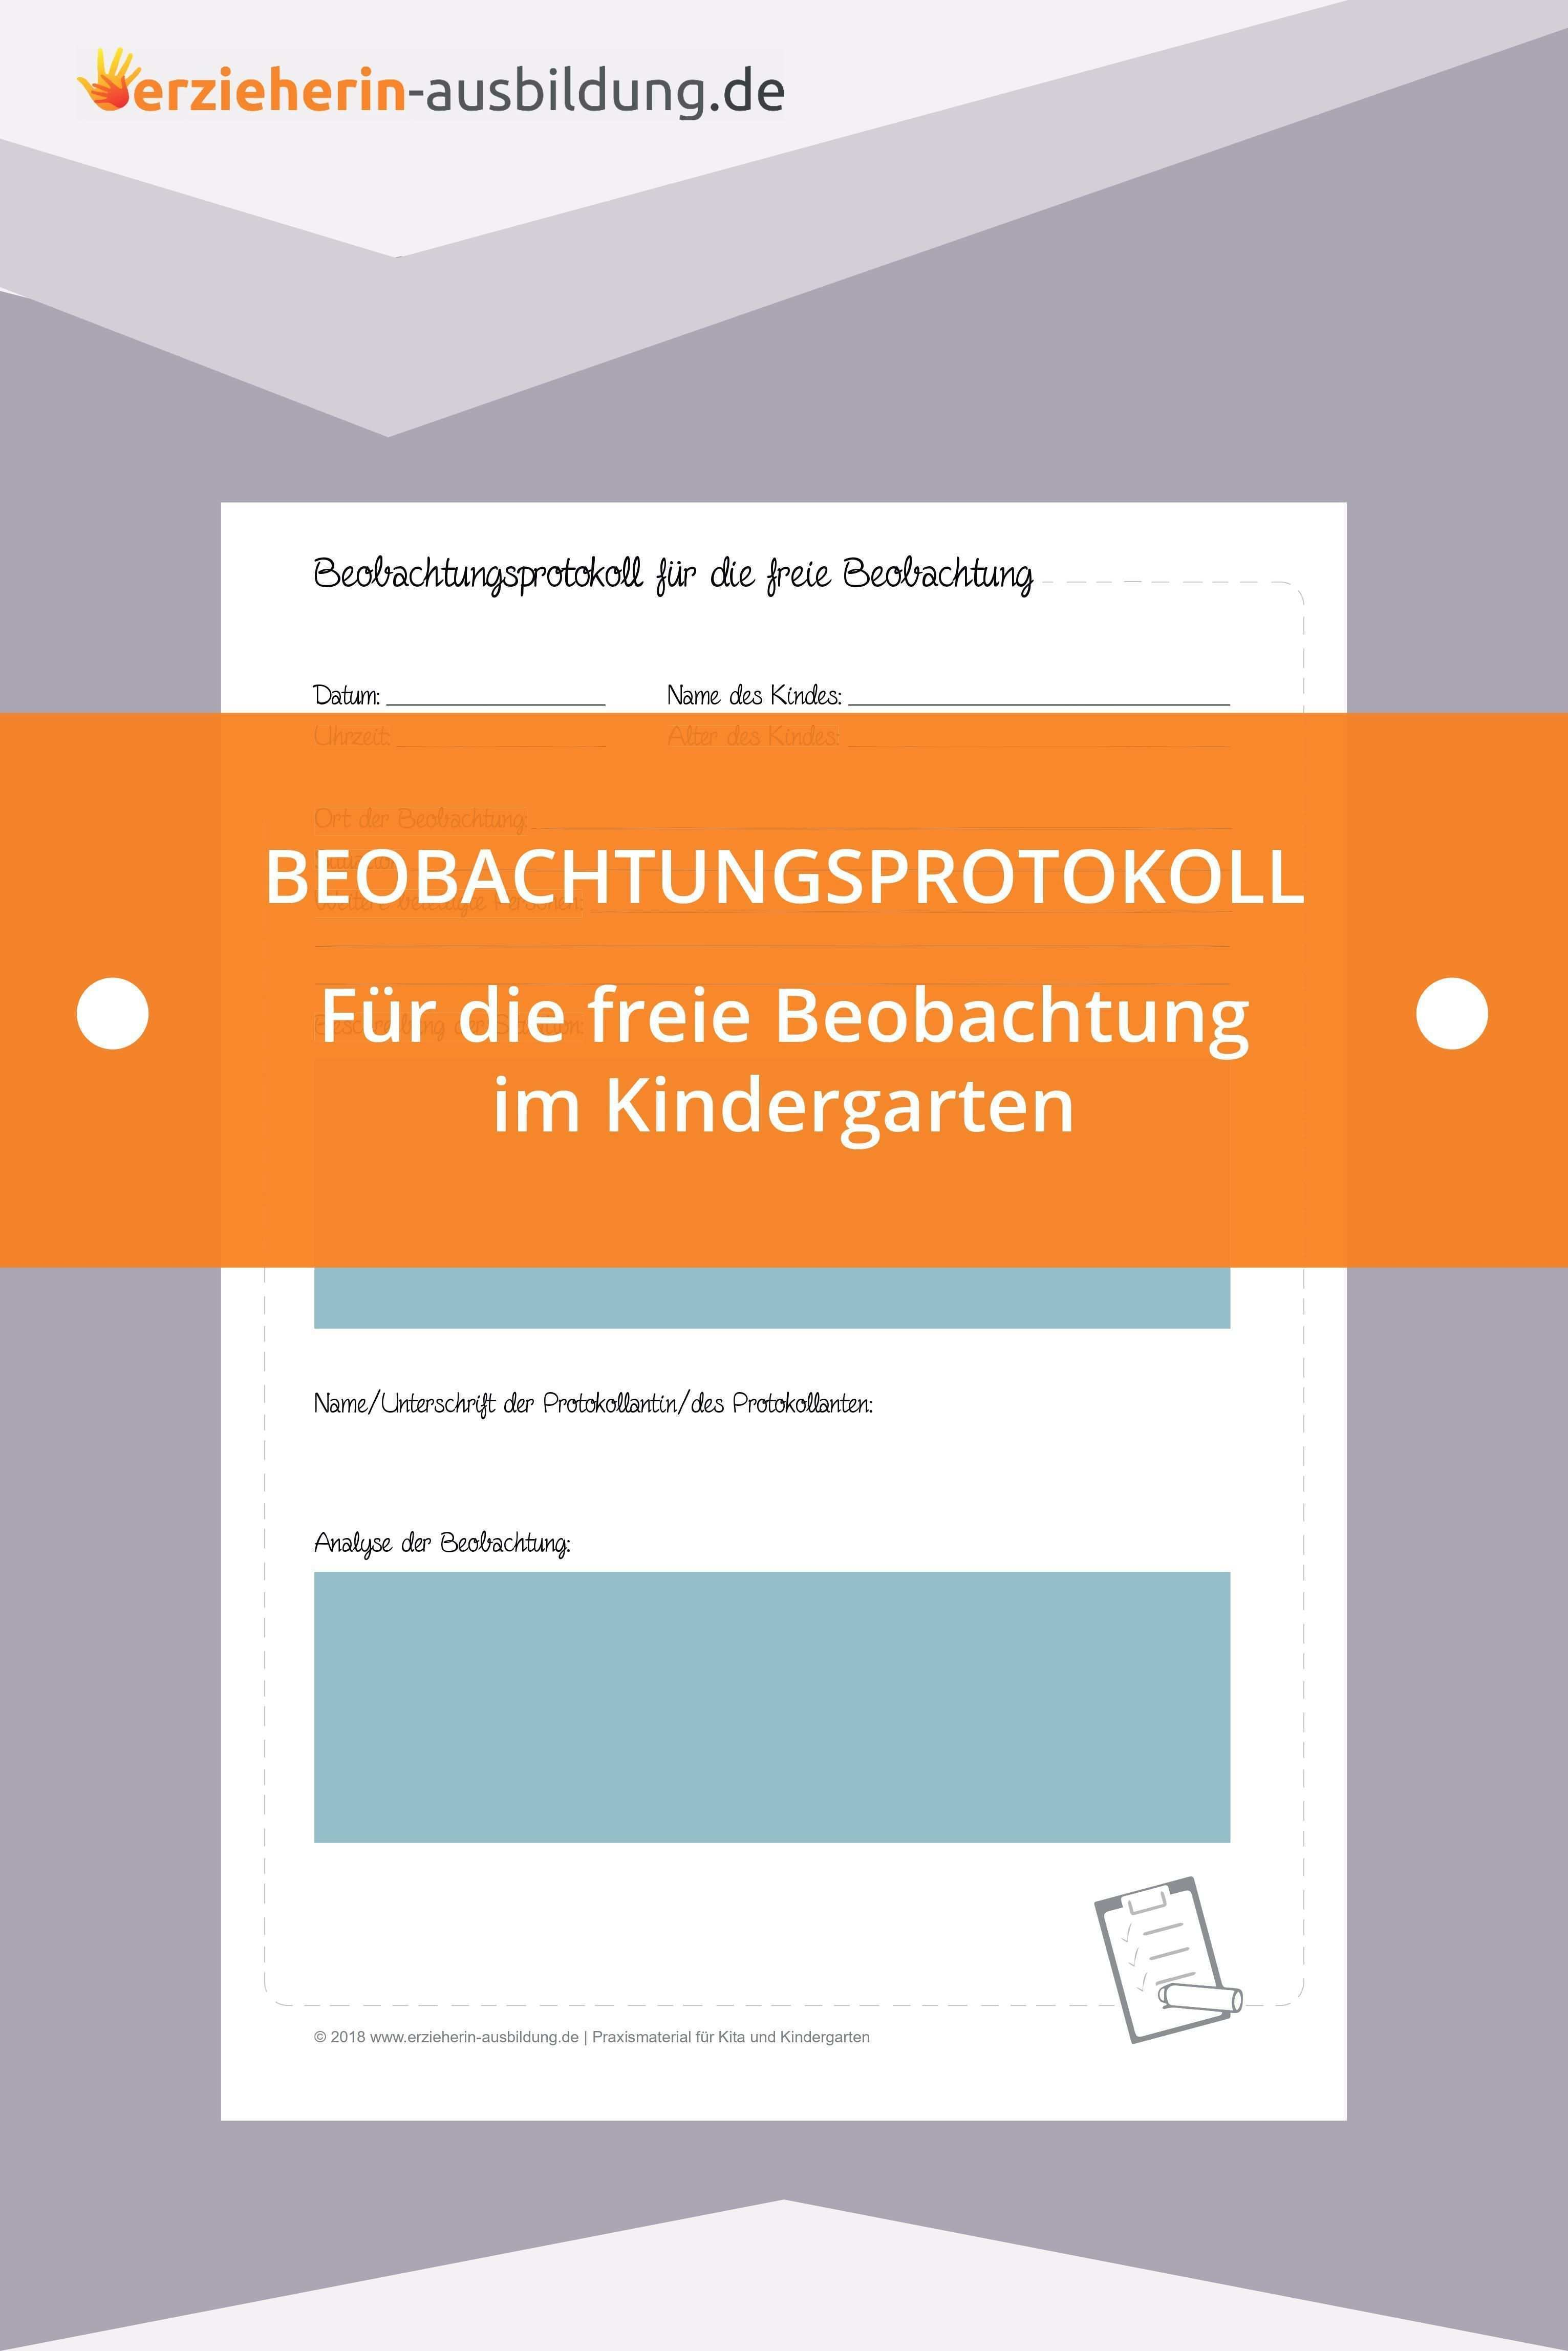 Die Freie Beobachtung Merkmale Tipps Und Haufige Fehler Soziales Lernen Erzieherausbildung Kindergarten